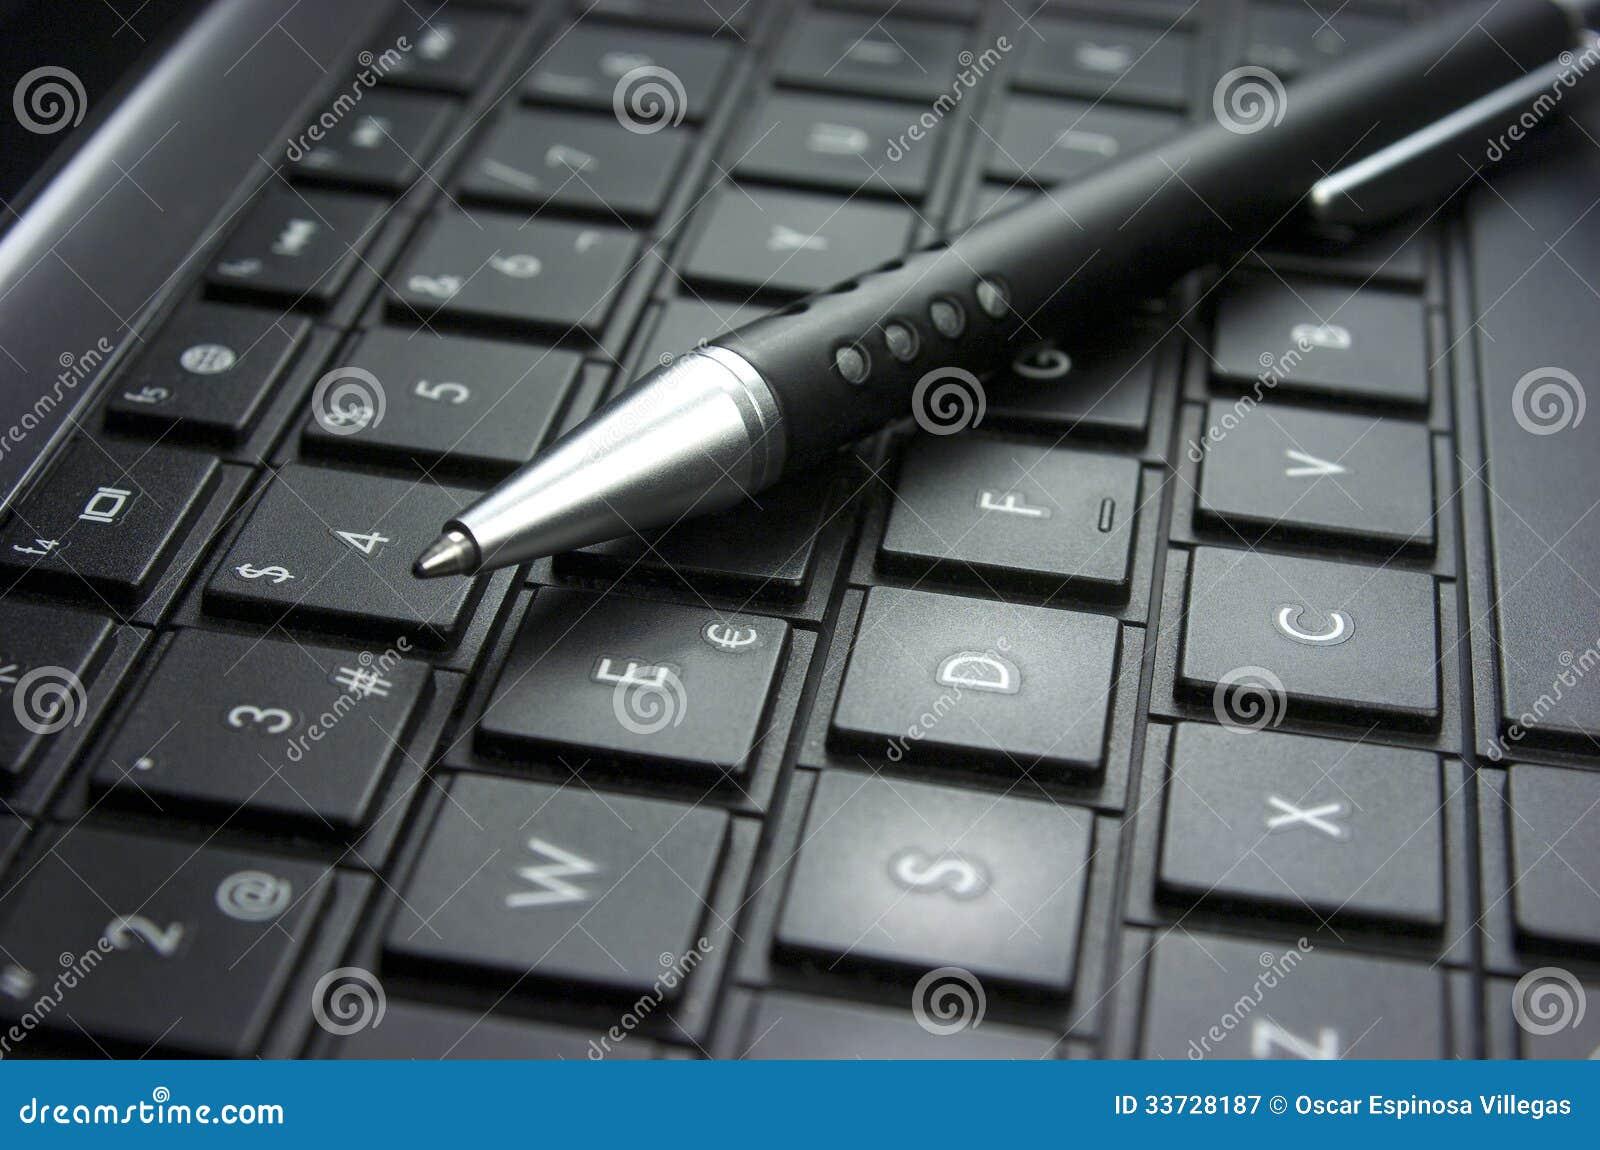 Идея. Клавиатура компьютера.